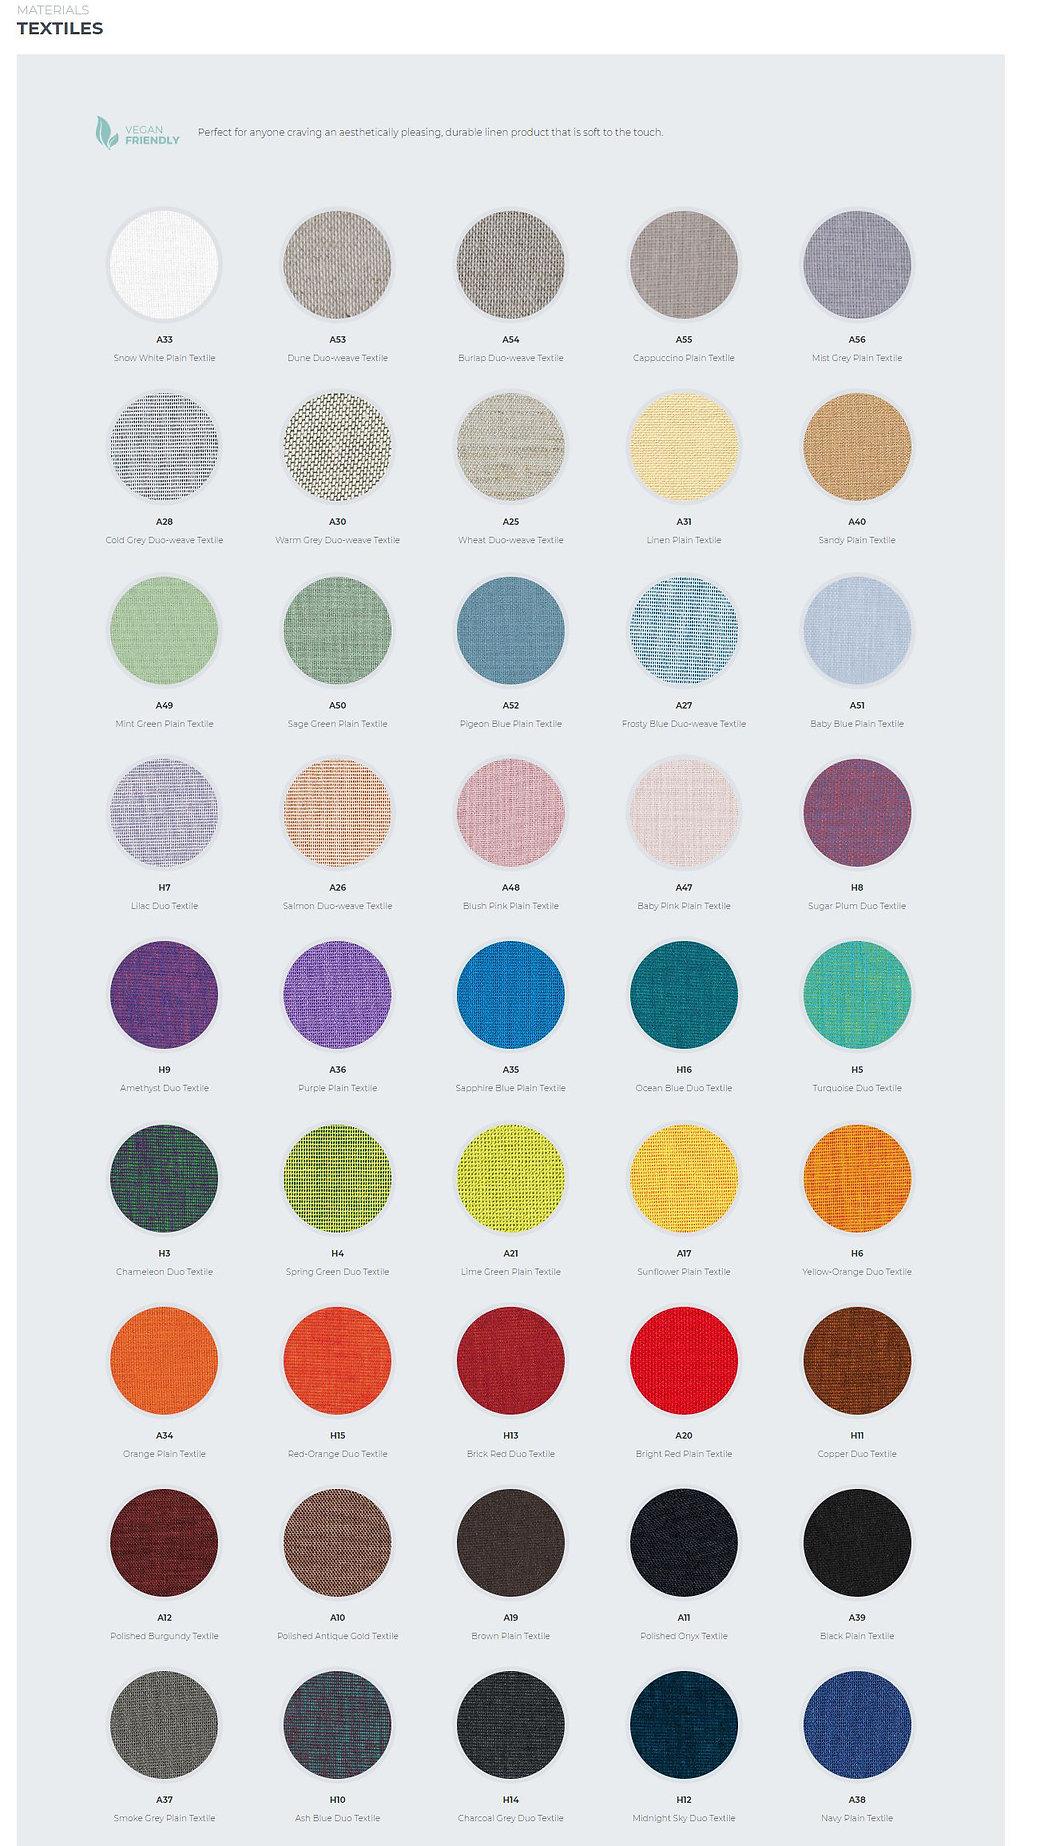 textiles1.JPG